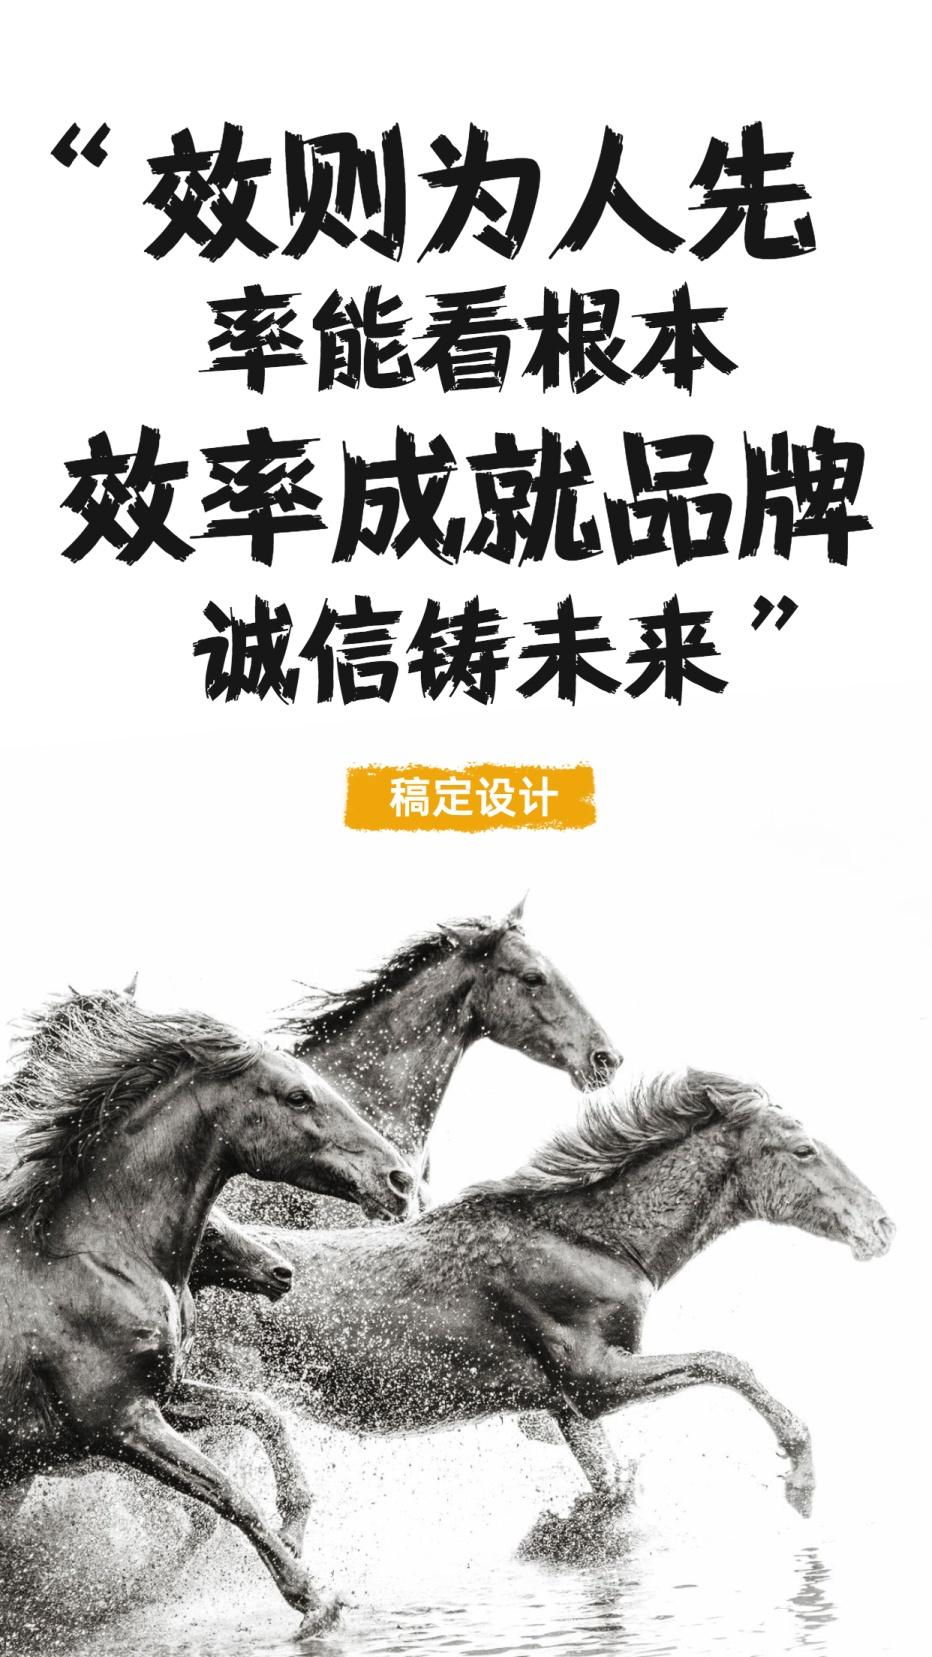 企业文化/励志/实景/手机海报